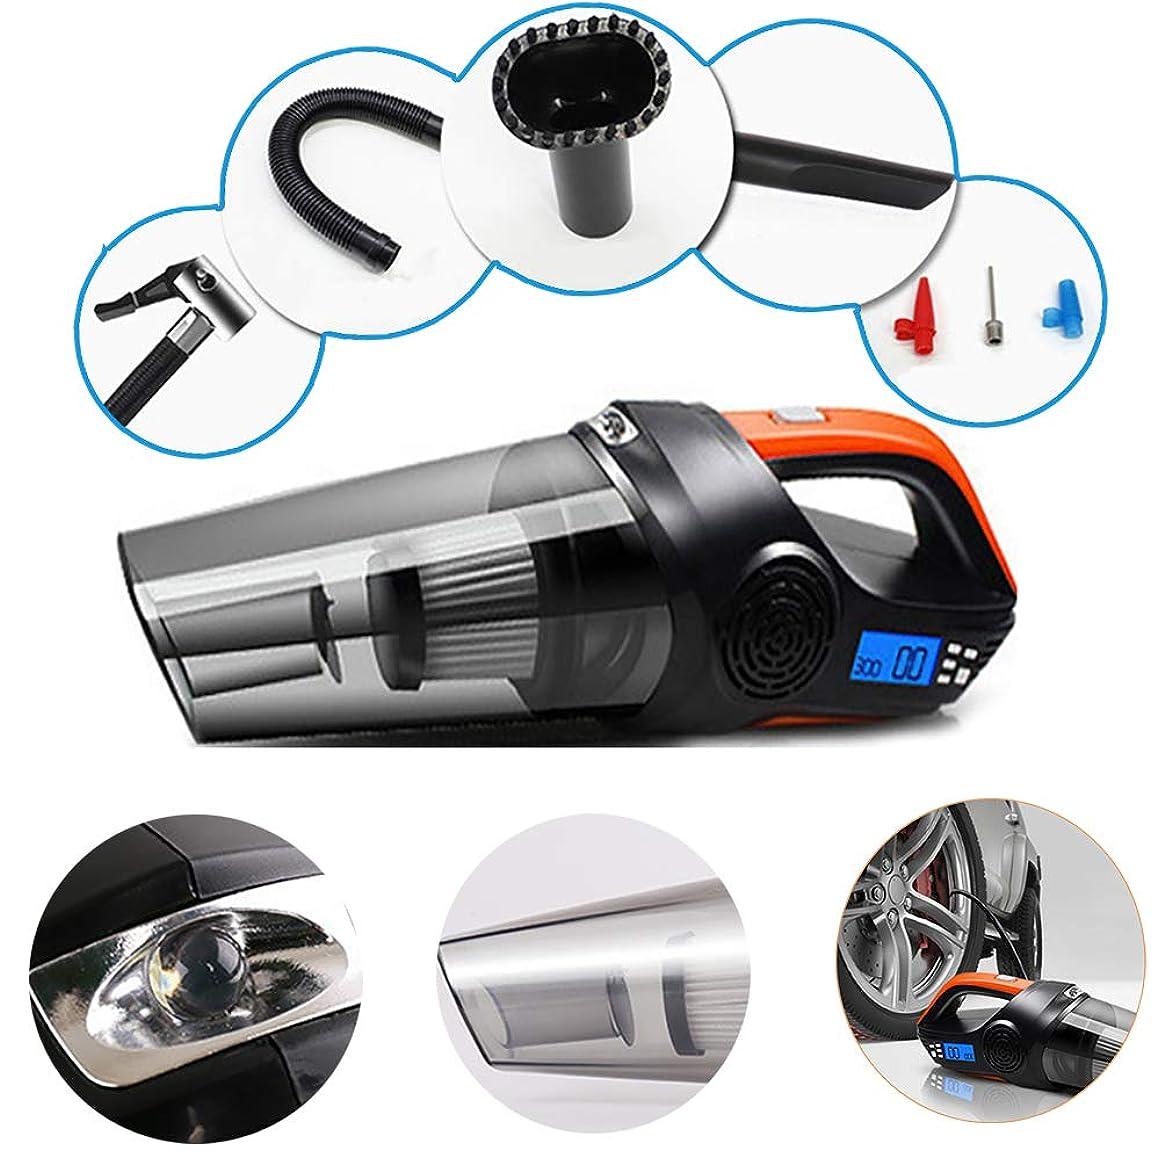 言い訳印をつける工業用4-1車の掃除機、ポータブル湿式及び乾式掃除機、DC12V 120Wタイヤインフレータ+ポンプ圧力ゲージ+ LEDライト、デュアルフィルタ、14.8インチ電源コード